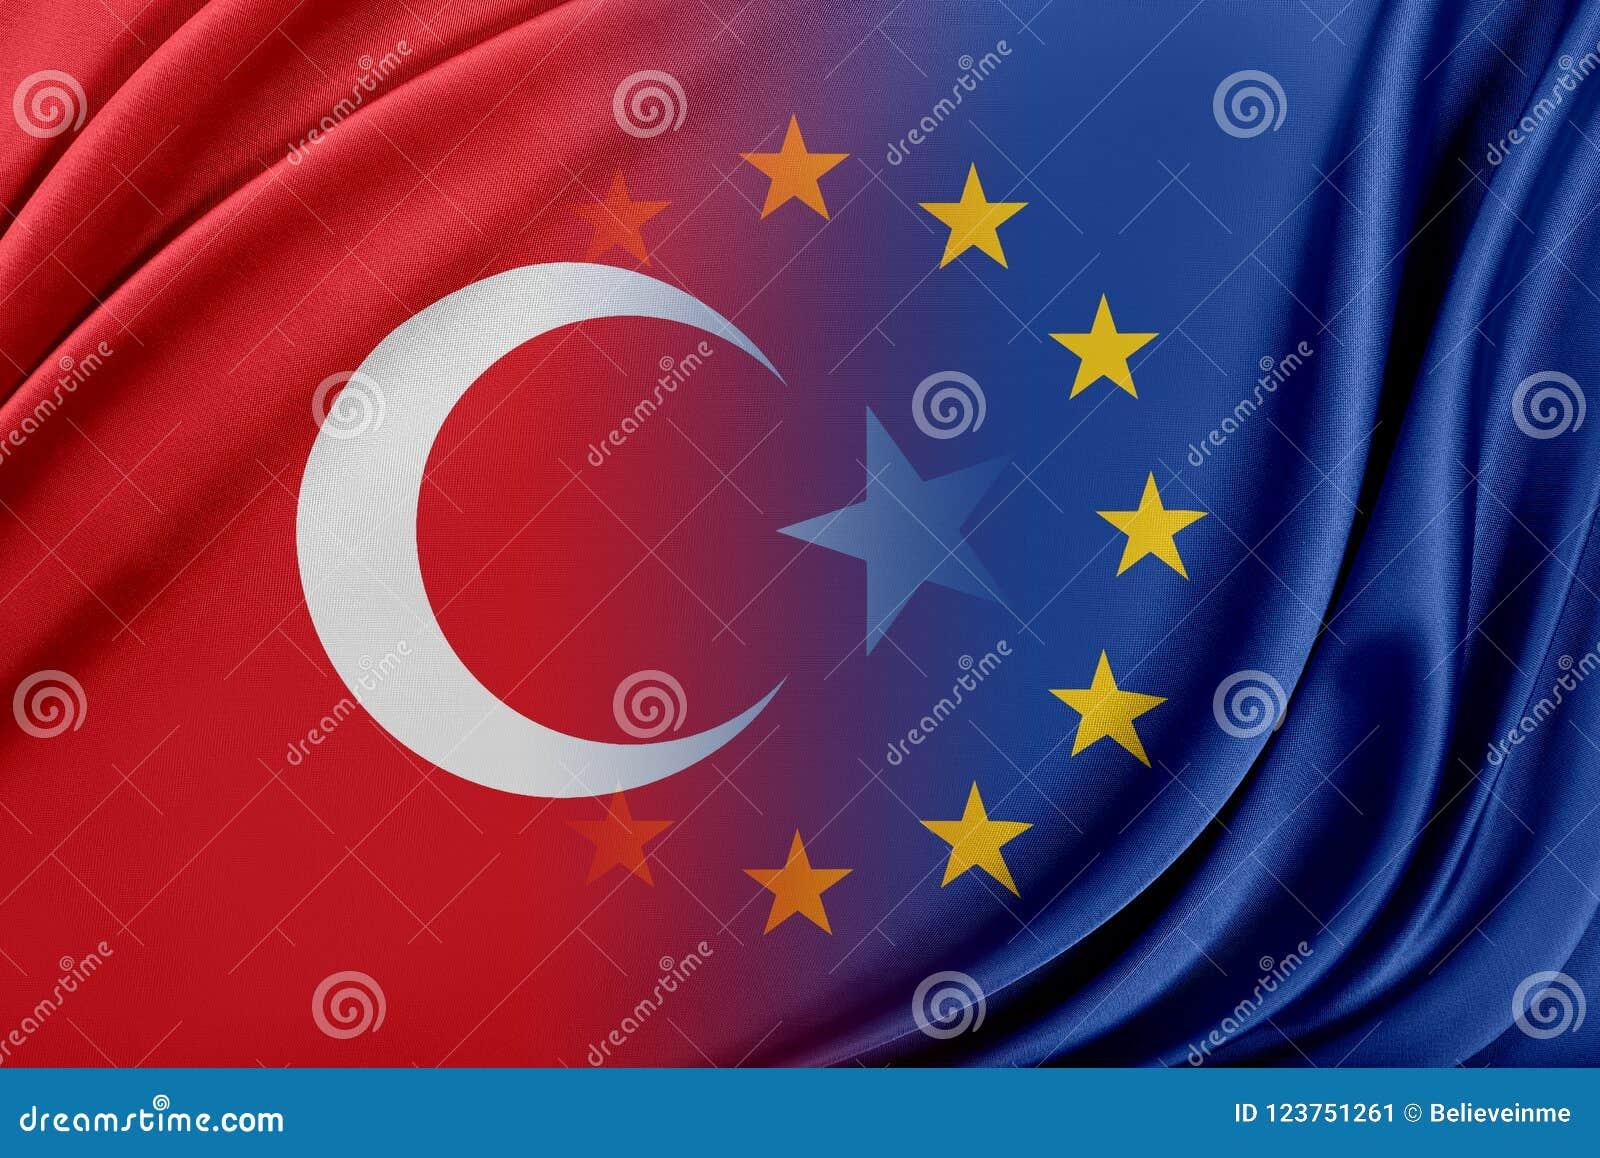 Europeisk union och Turkiet Begreppet av förhållandet mellan EU och Turkiet